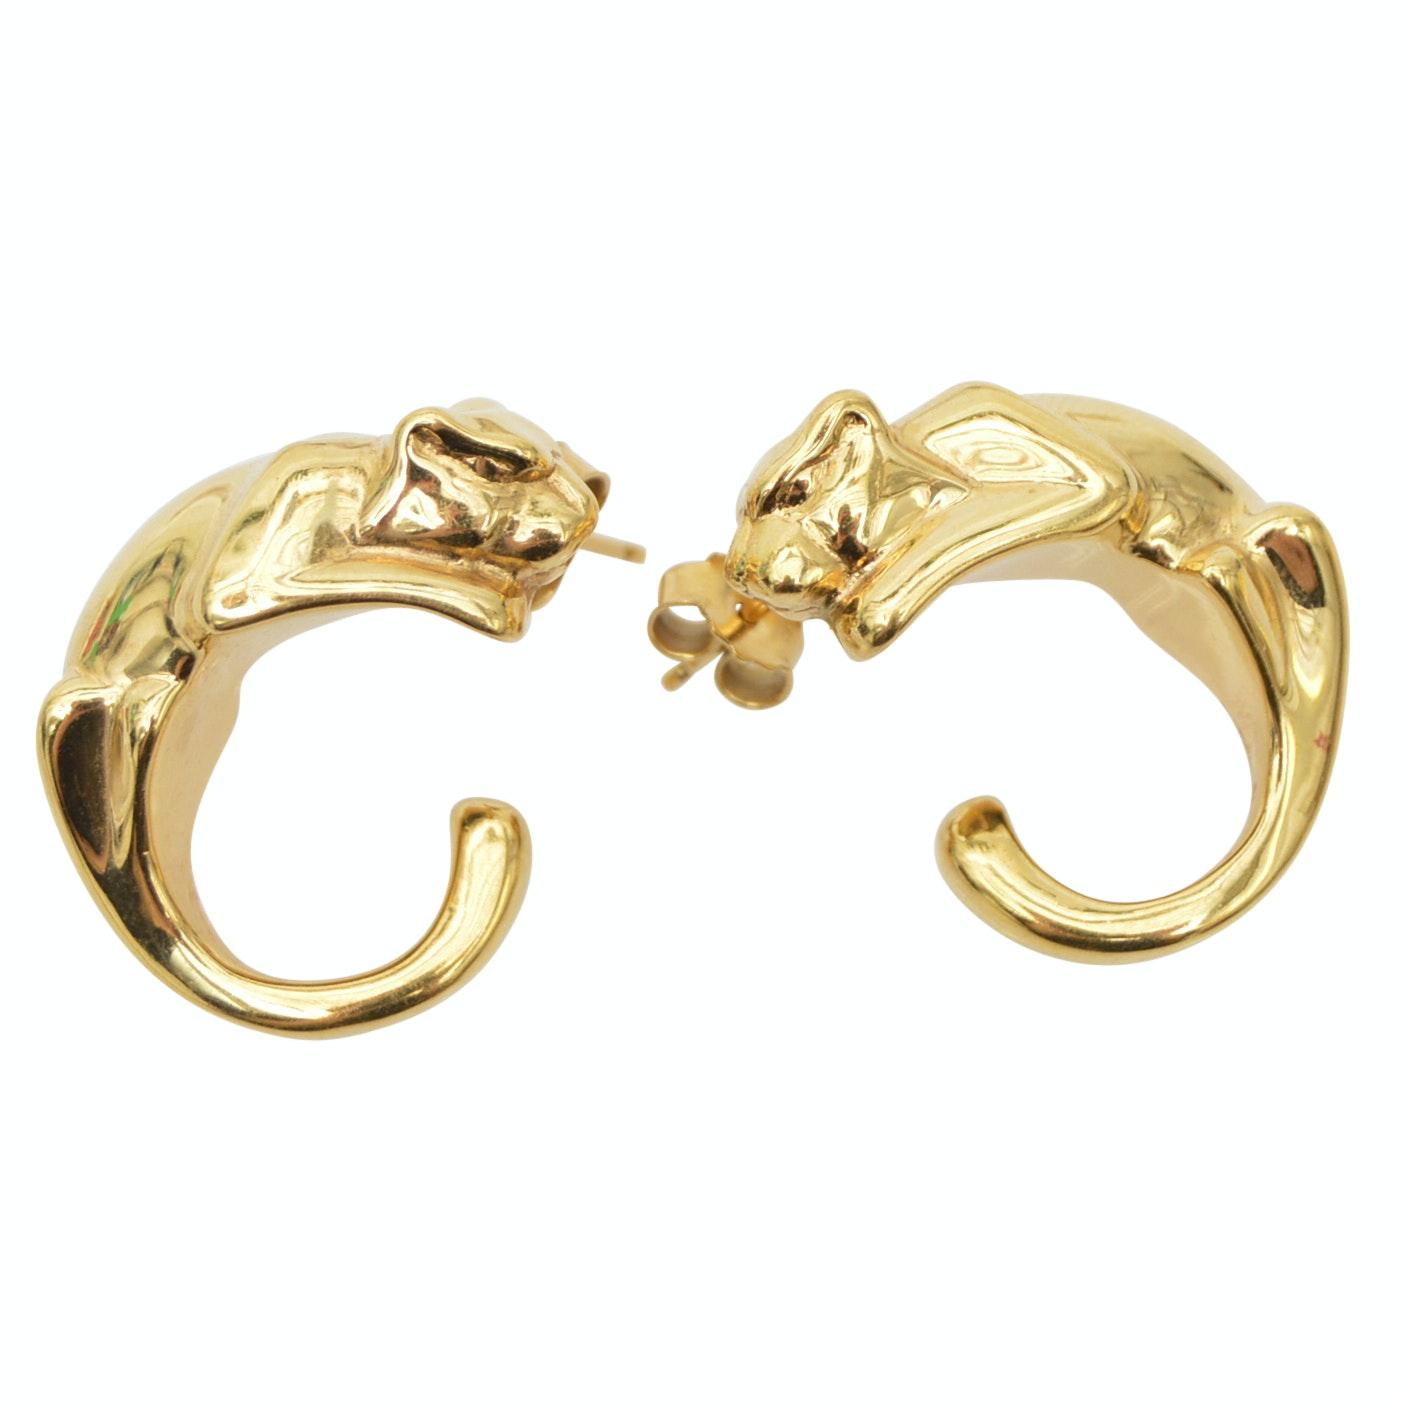 14K Yellow Gold Leopard Pierced Earrings